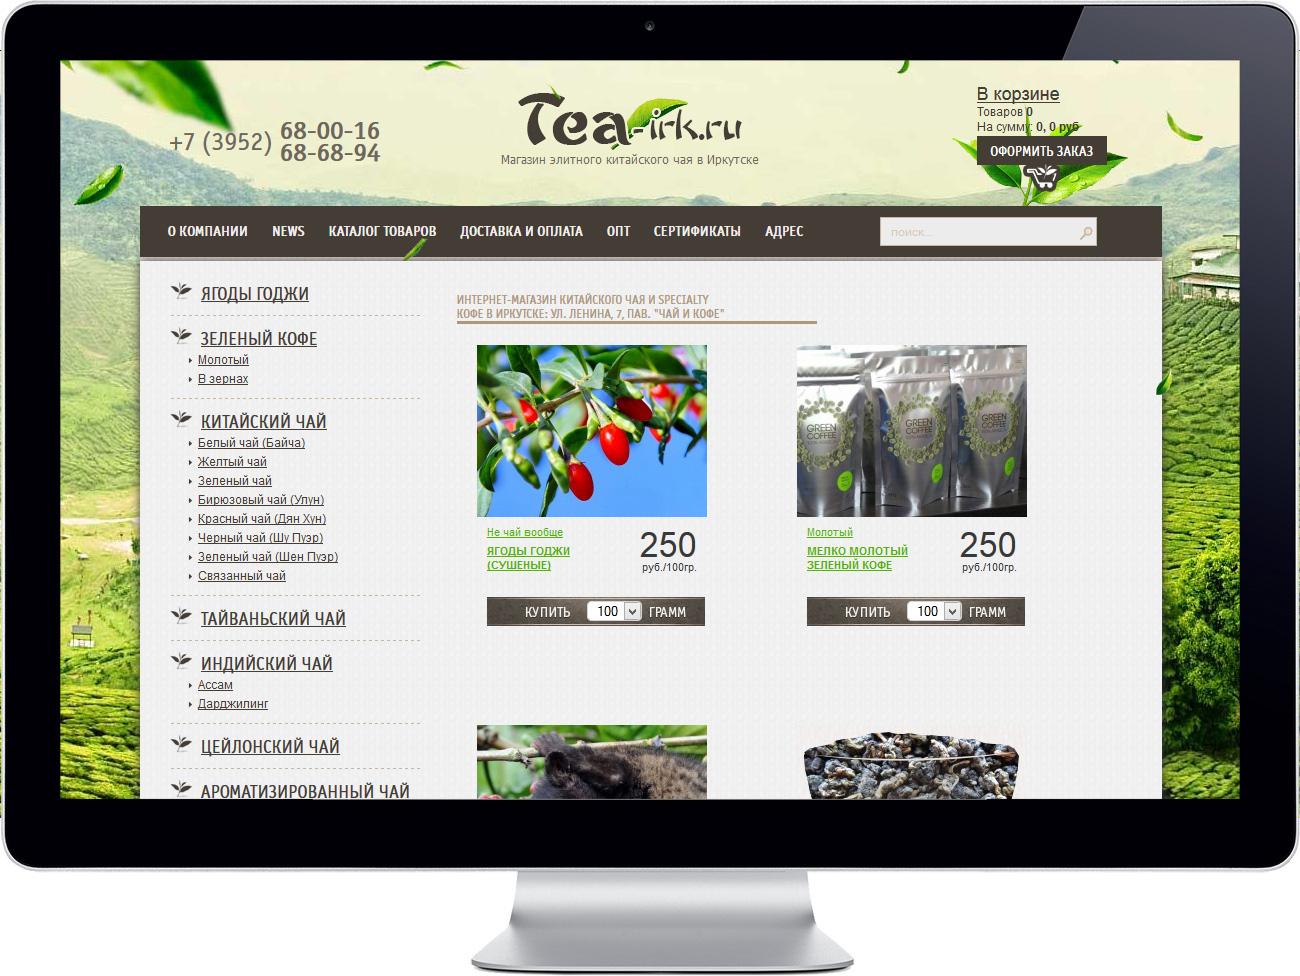 Разработка интернет-магазина китайского чая и кофе Tea-irk.ru